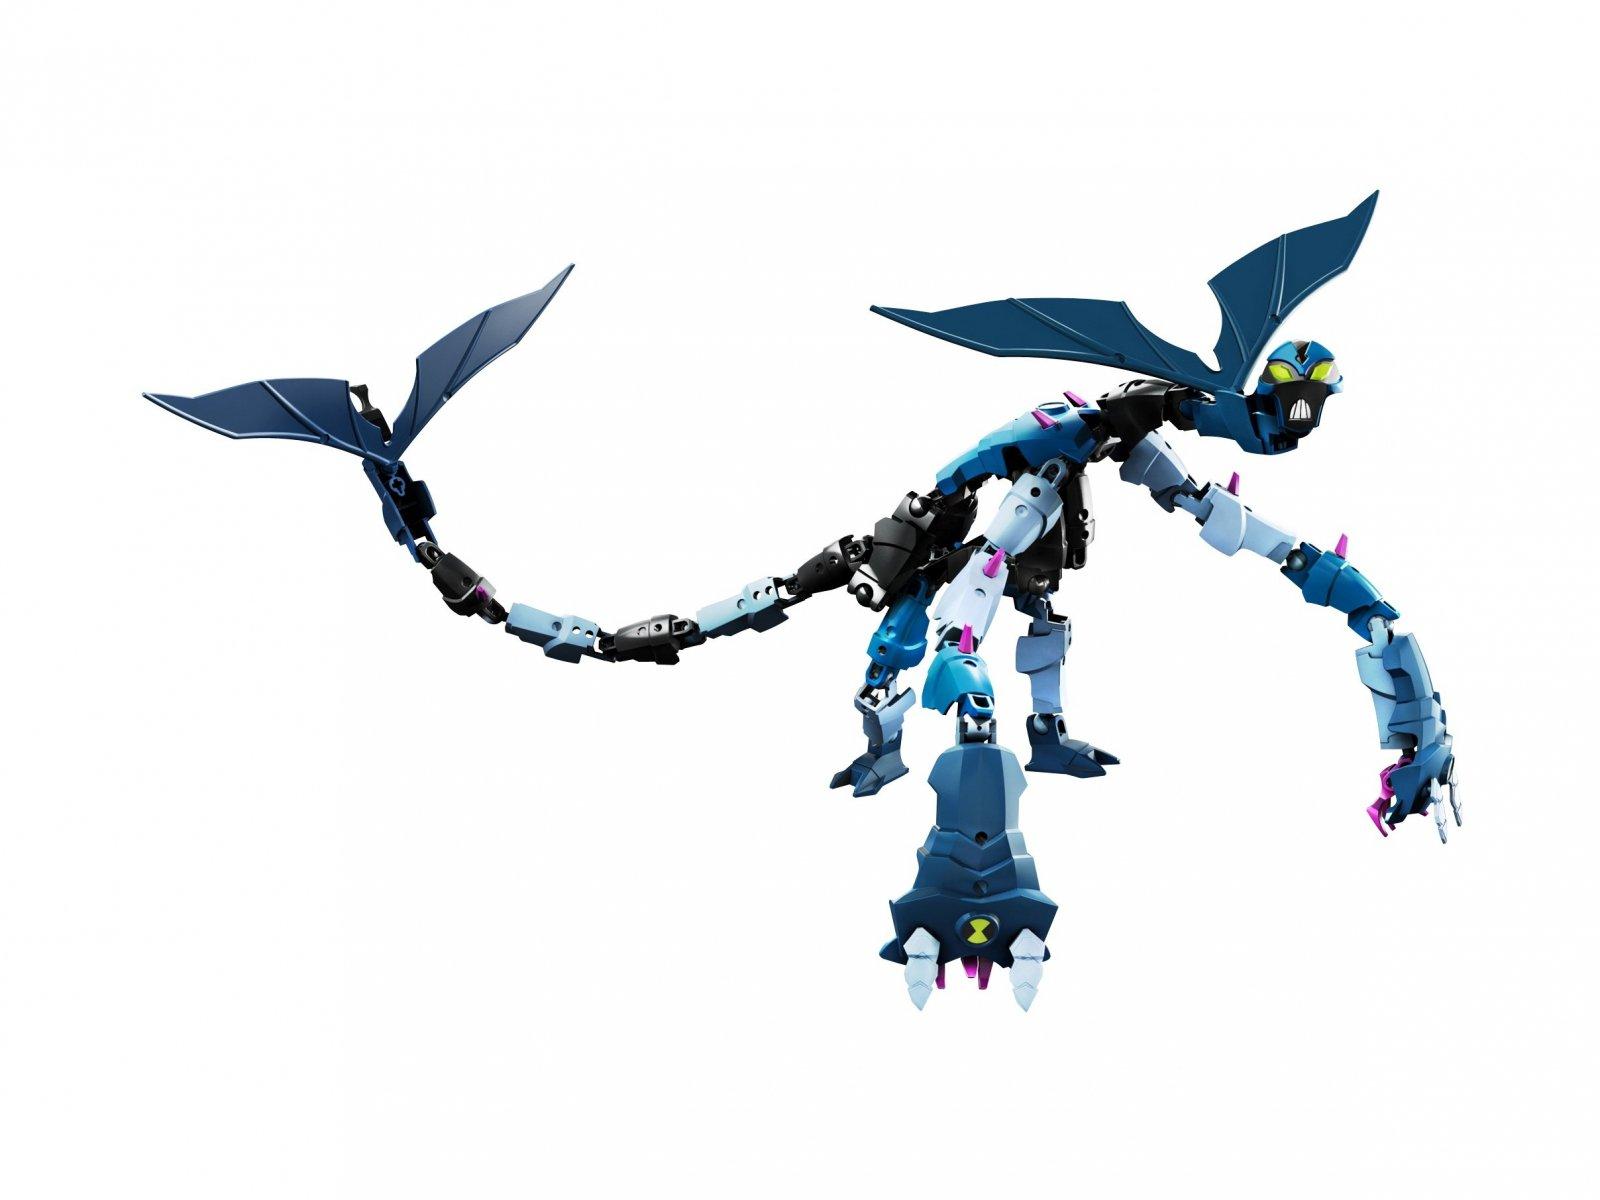 LEGO 8411 Chromaton